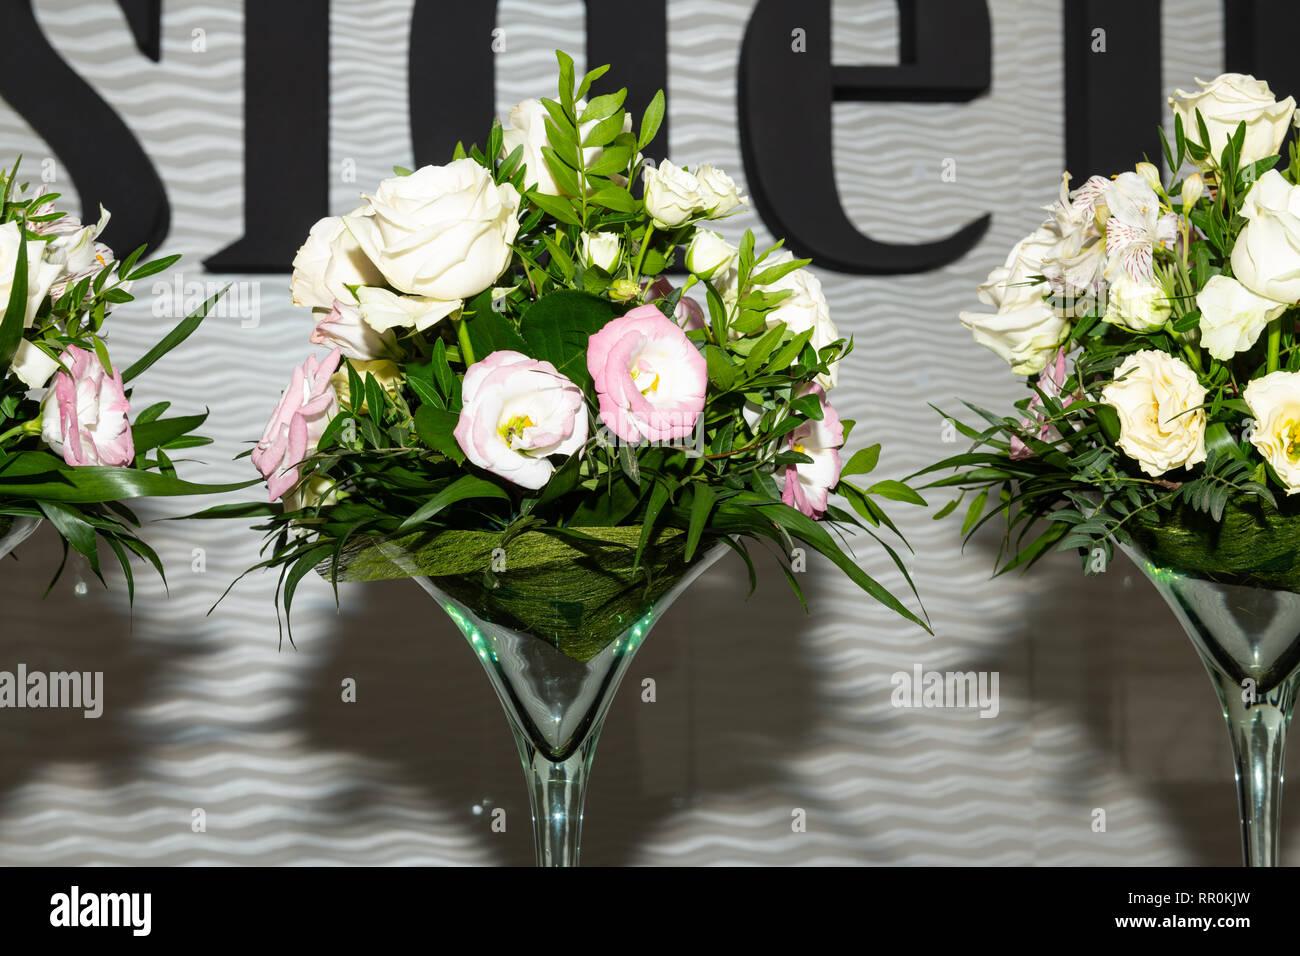 Centre De Table Floral Au Luxe, Réception De Mariage élégant Arrangement De  Table Dans La Salle Des Banquets.